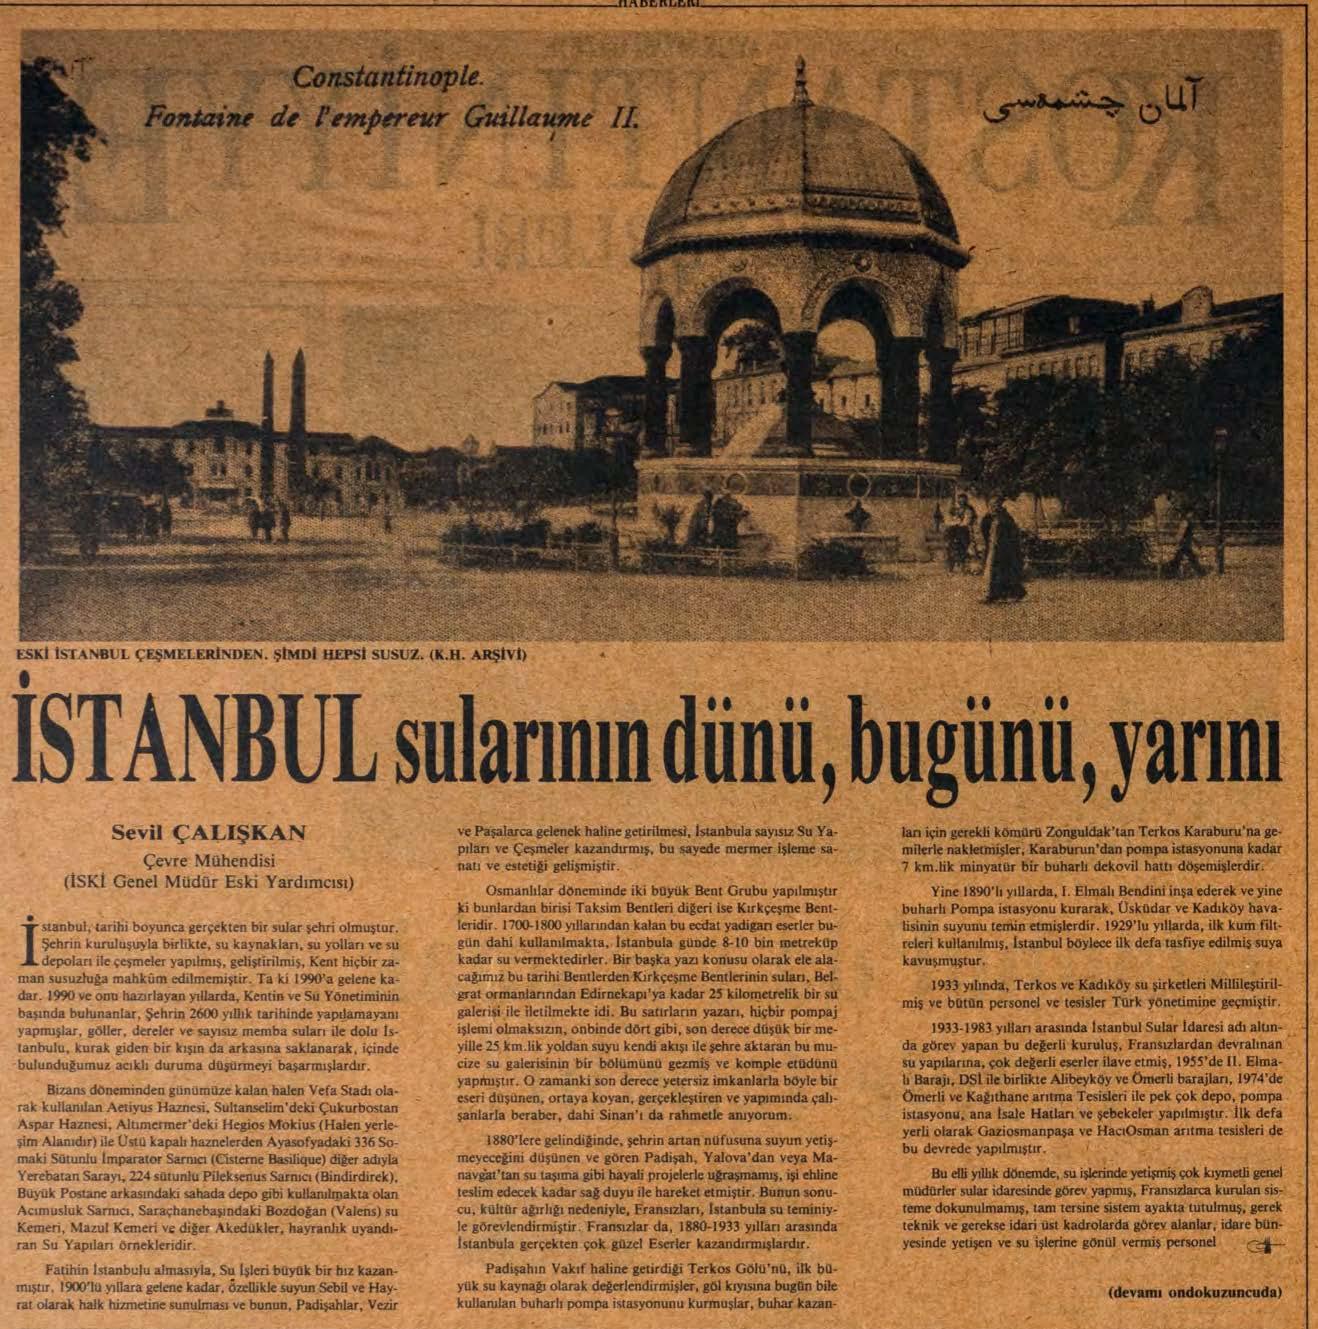 Kostantıniyye Haberleri Gazetesi: İstanbul sular ının dünü, bugünü, yarını